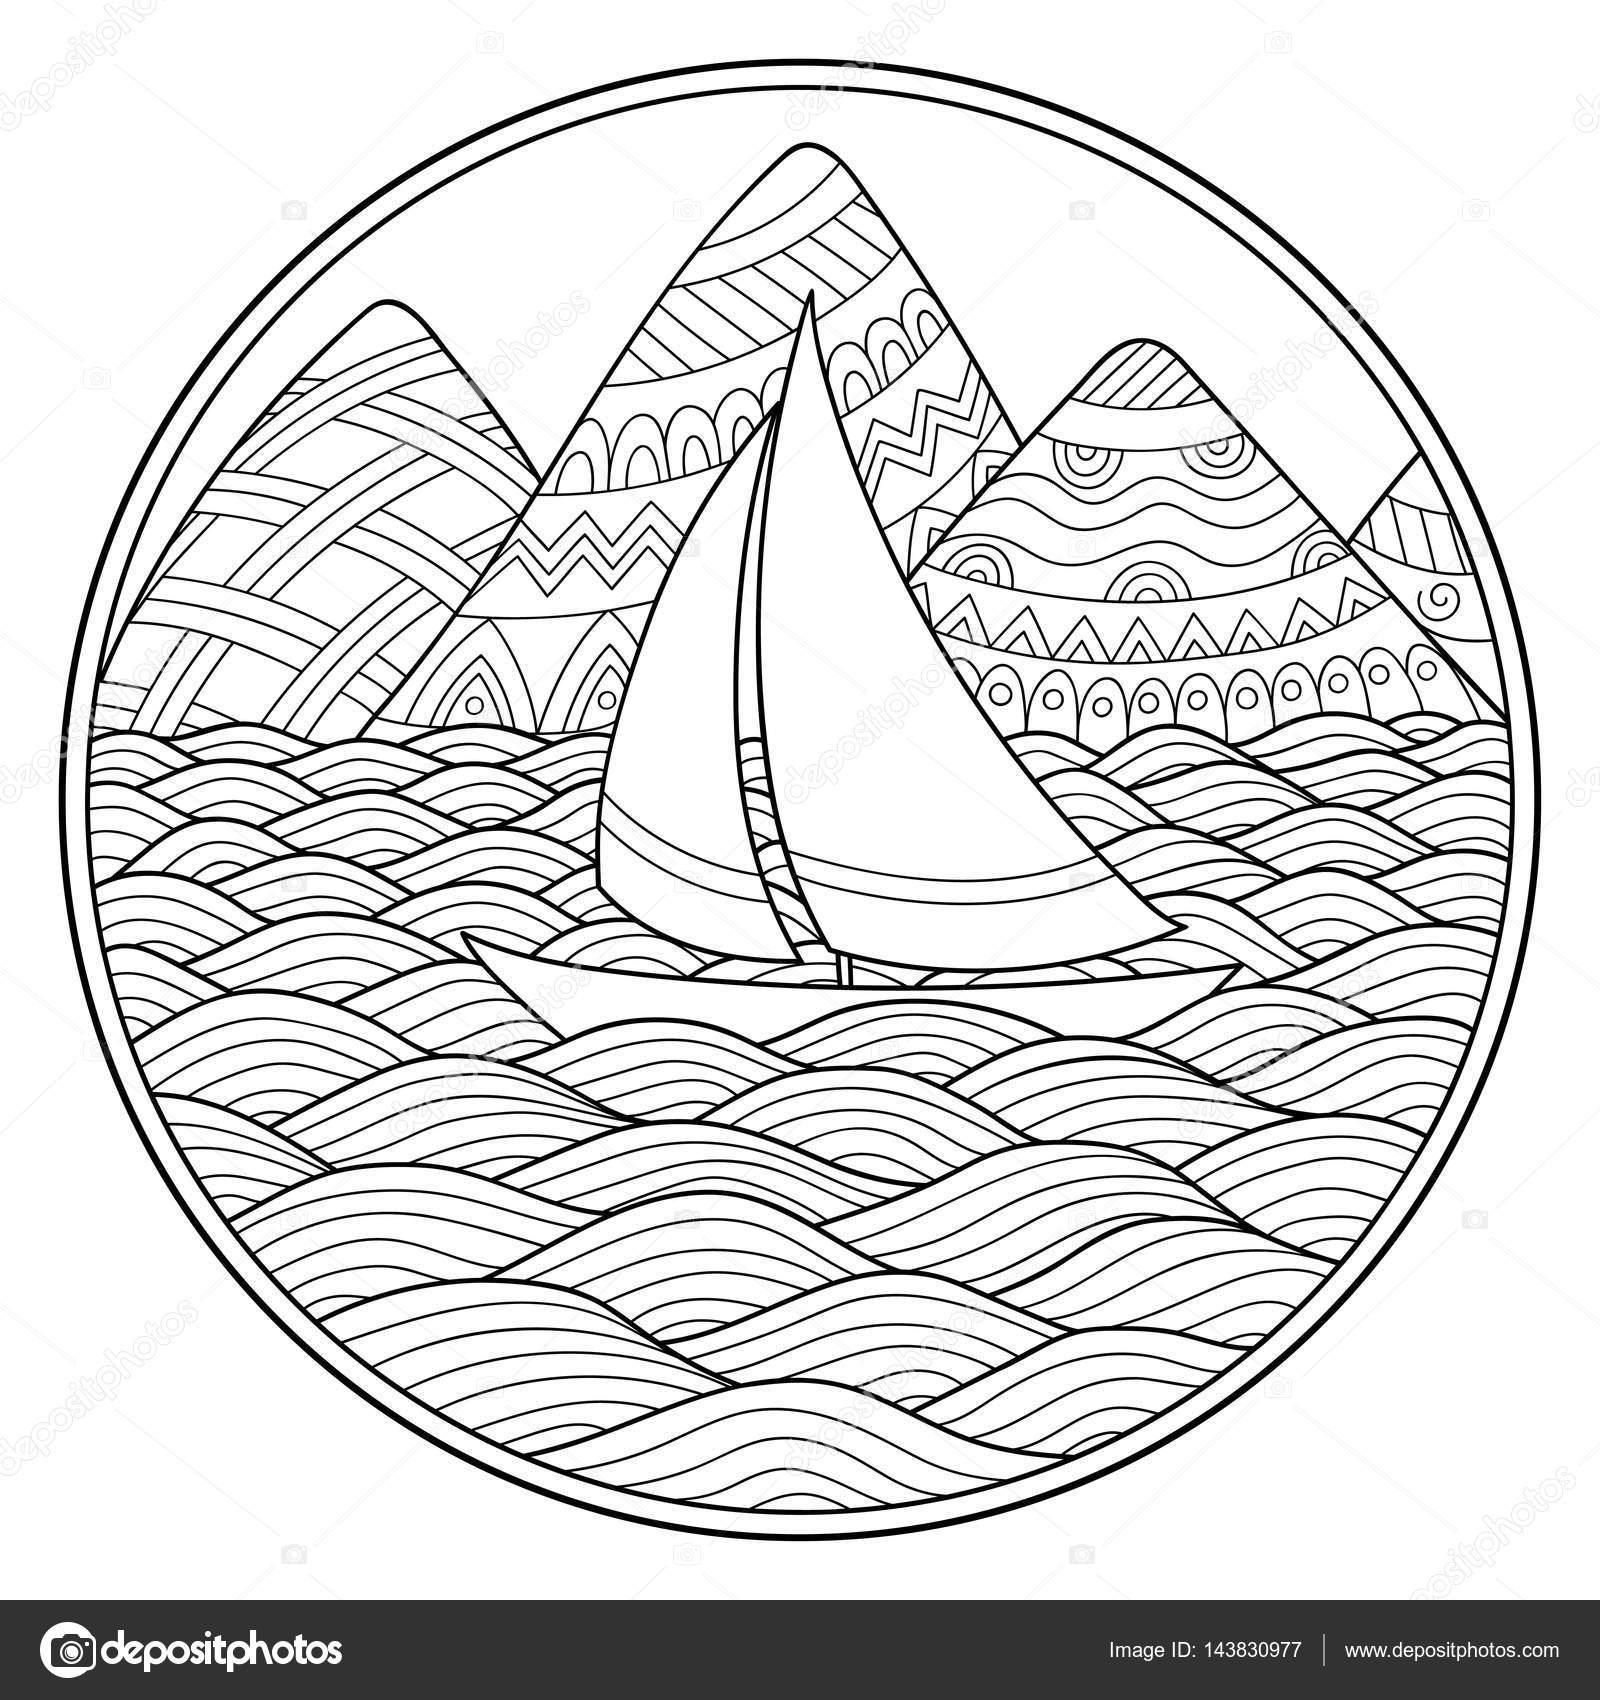 Doodle el patrón en blanco y negro. Patrón de paisaje para colorear ...